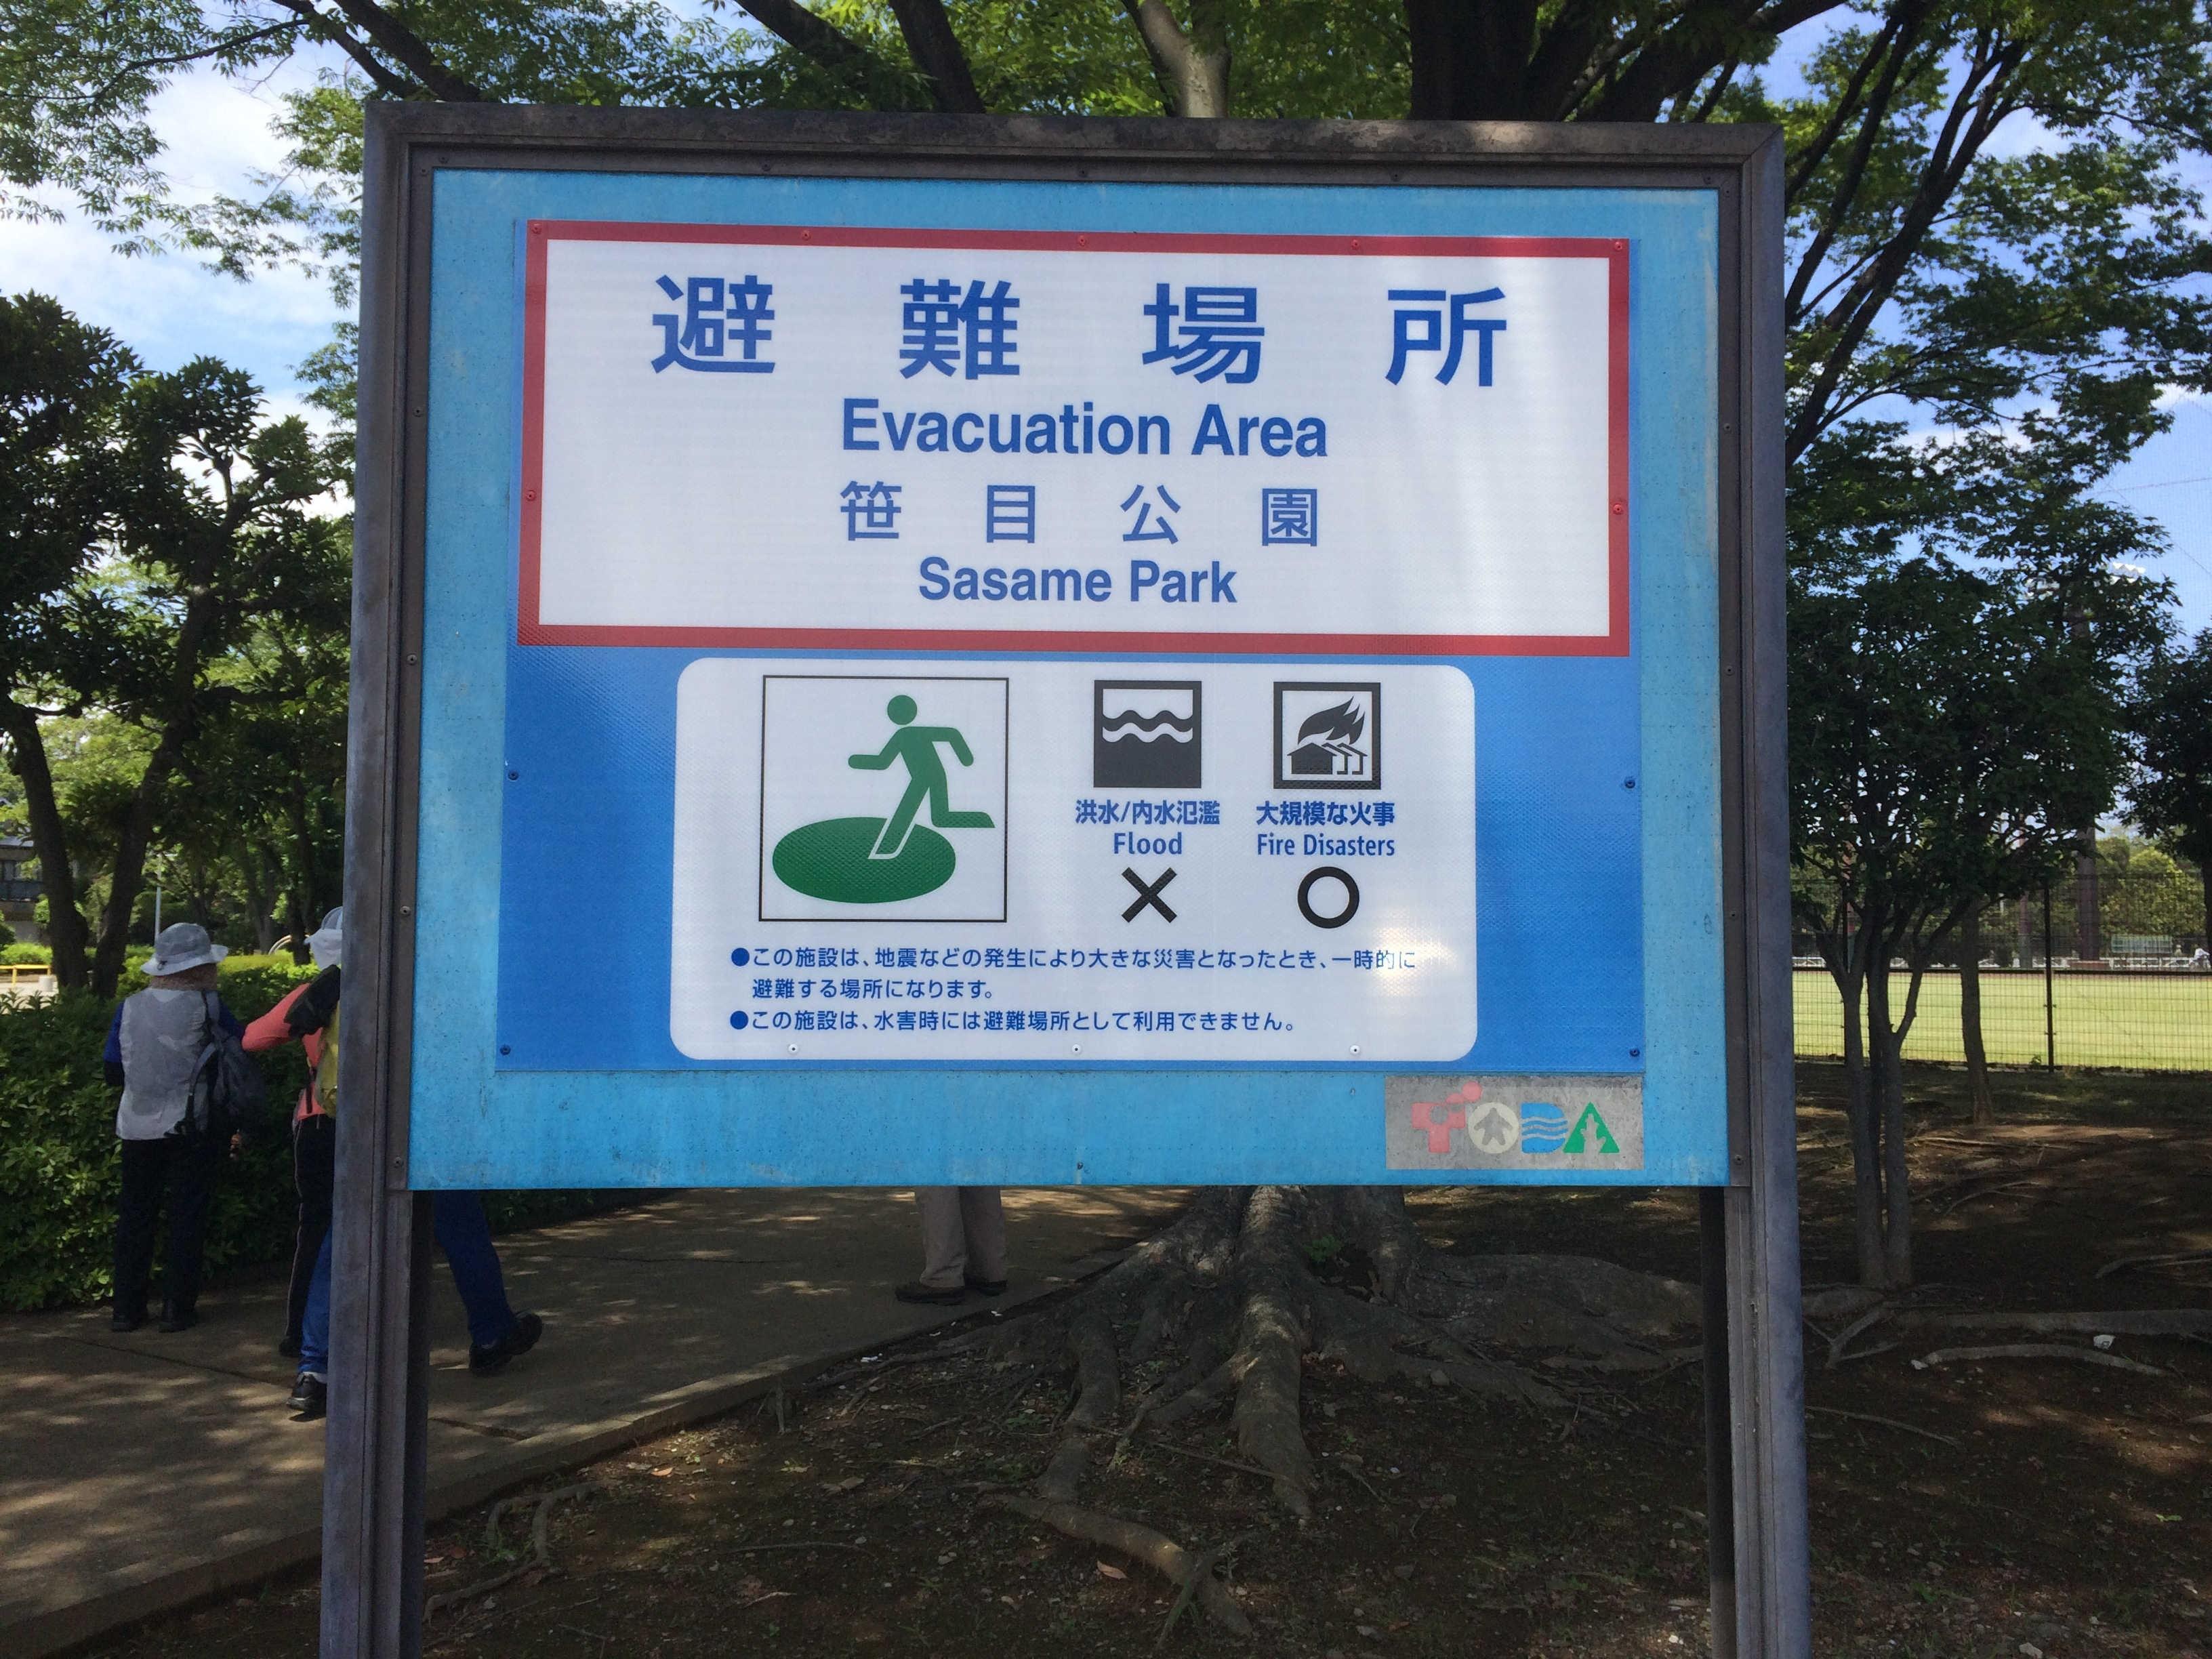 避難場所笹目公園